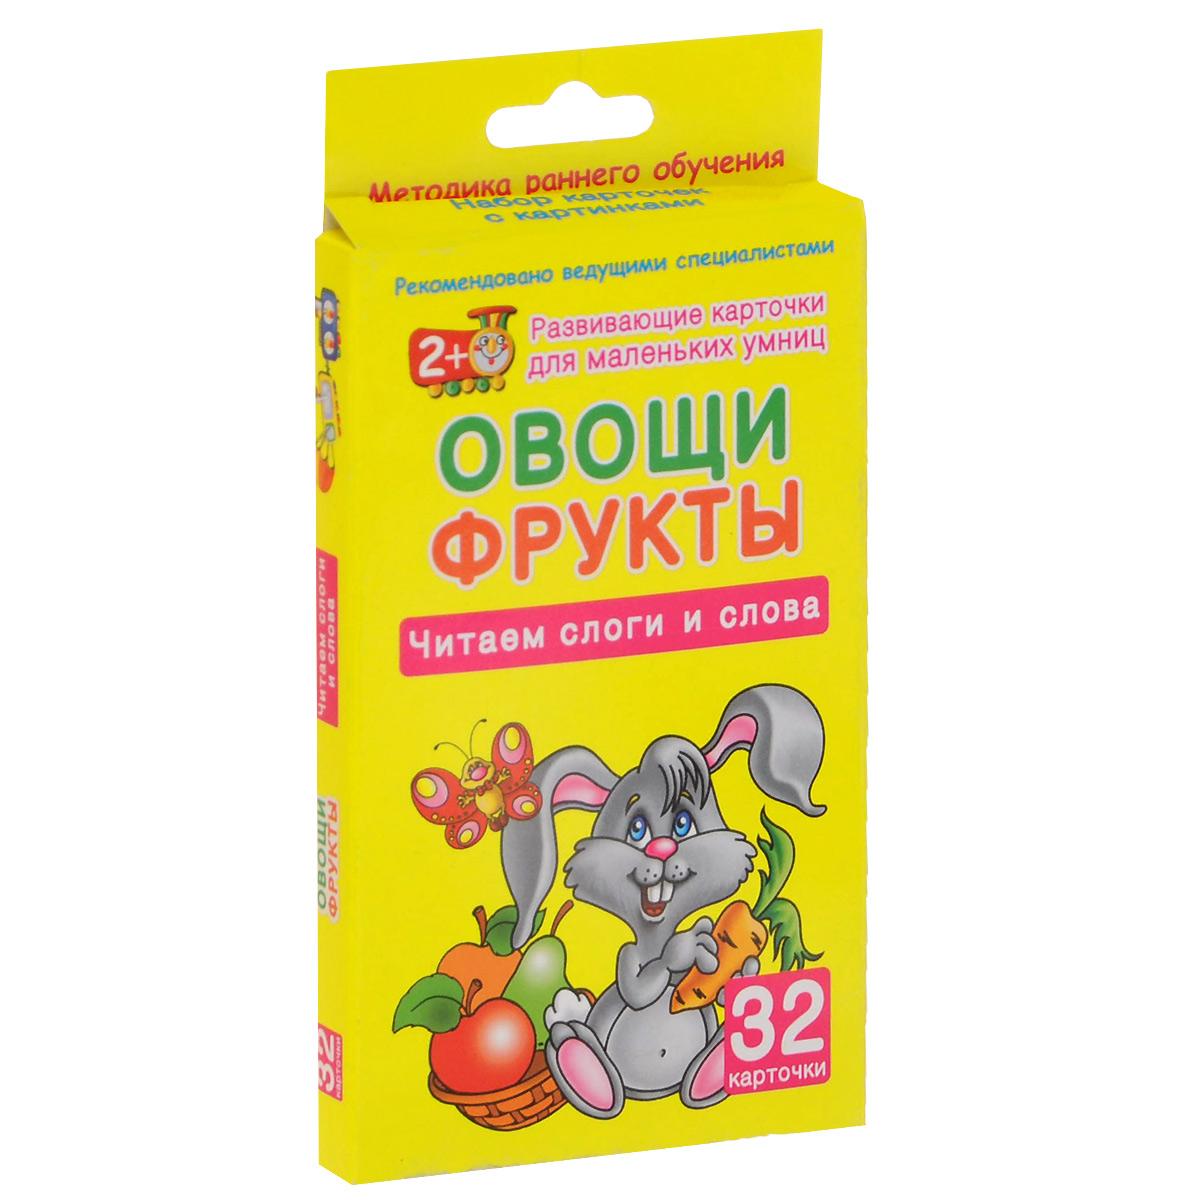 В. Г. Дмитриева Овощи и фрукты. Читаем слоги и слова